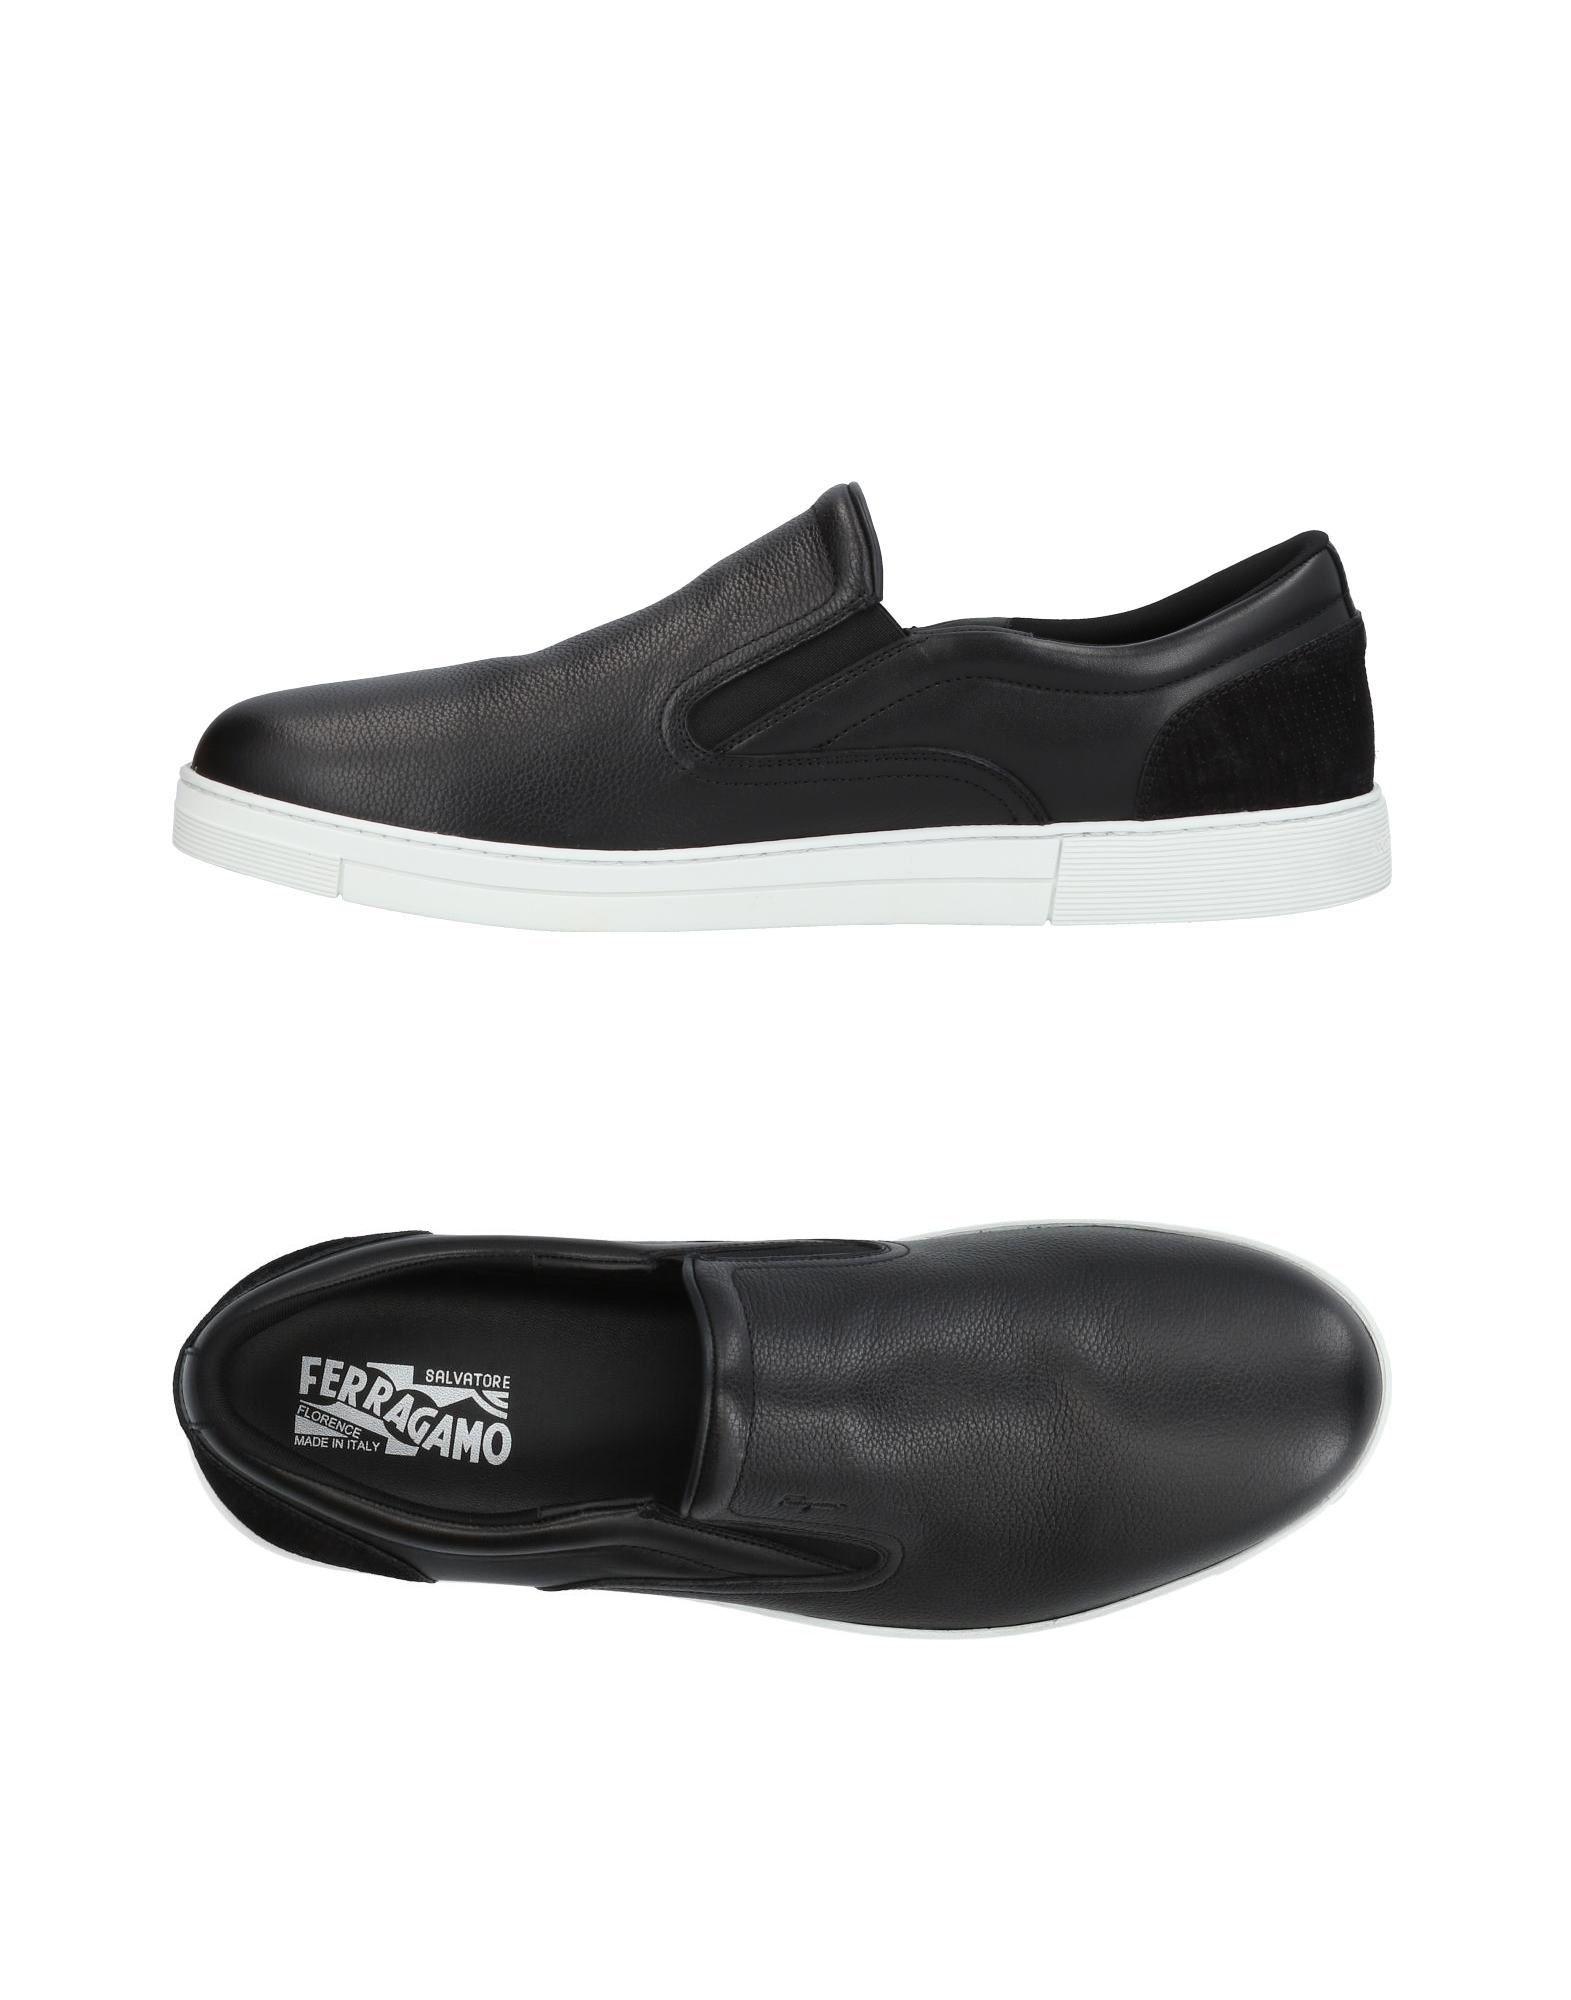 Salvatore Ferragamo Ferragamo Salvatore Sneakers Herren  11439351EL 7d2477